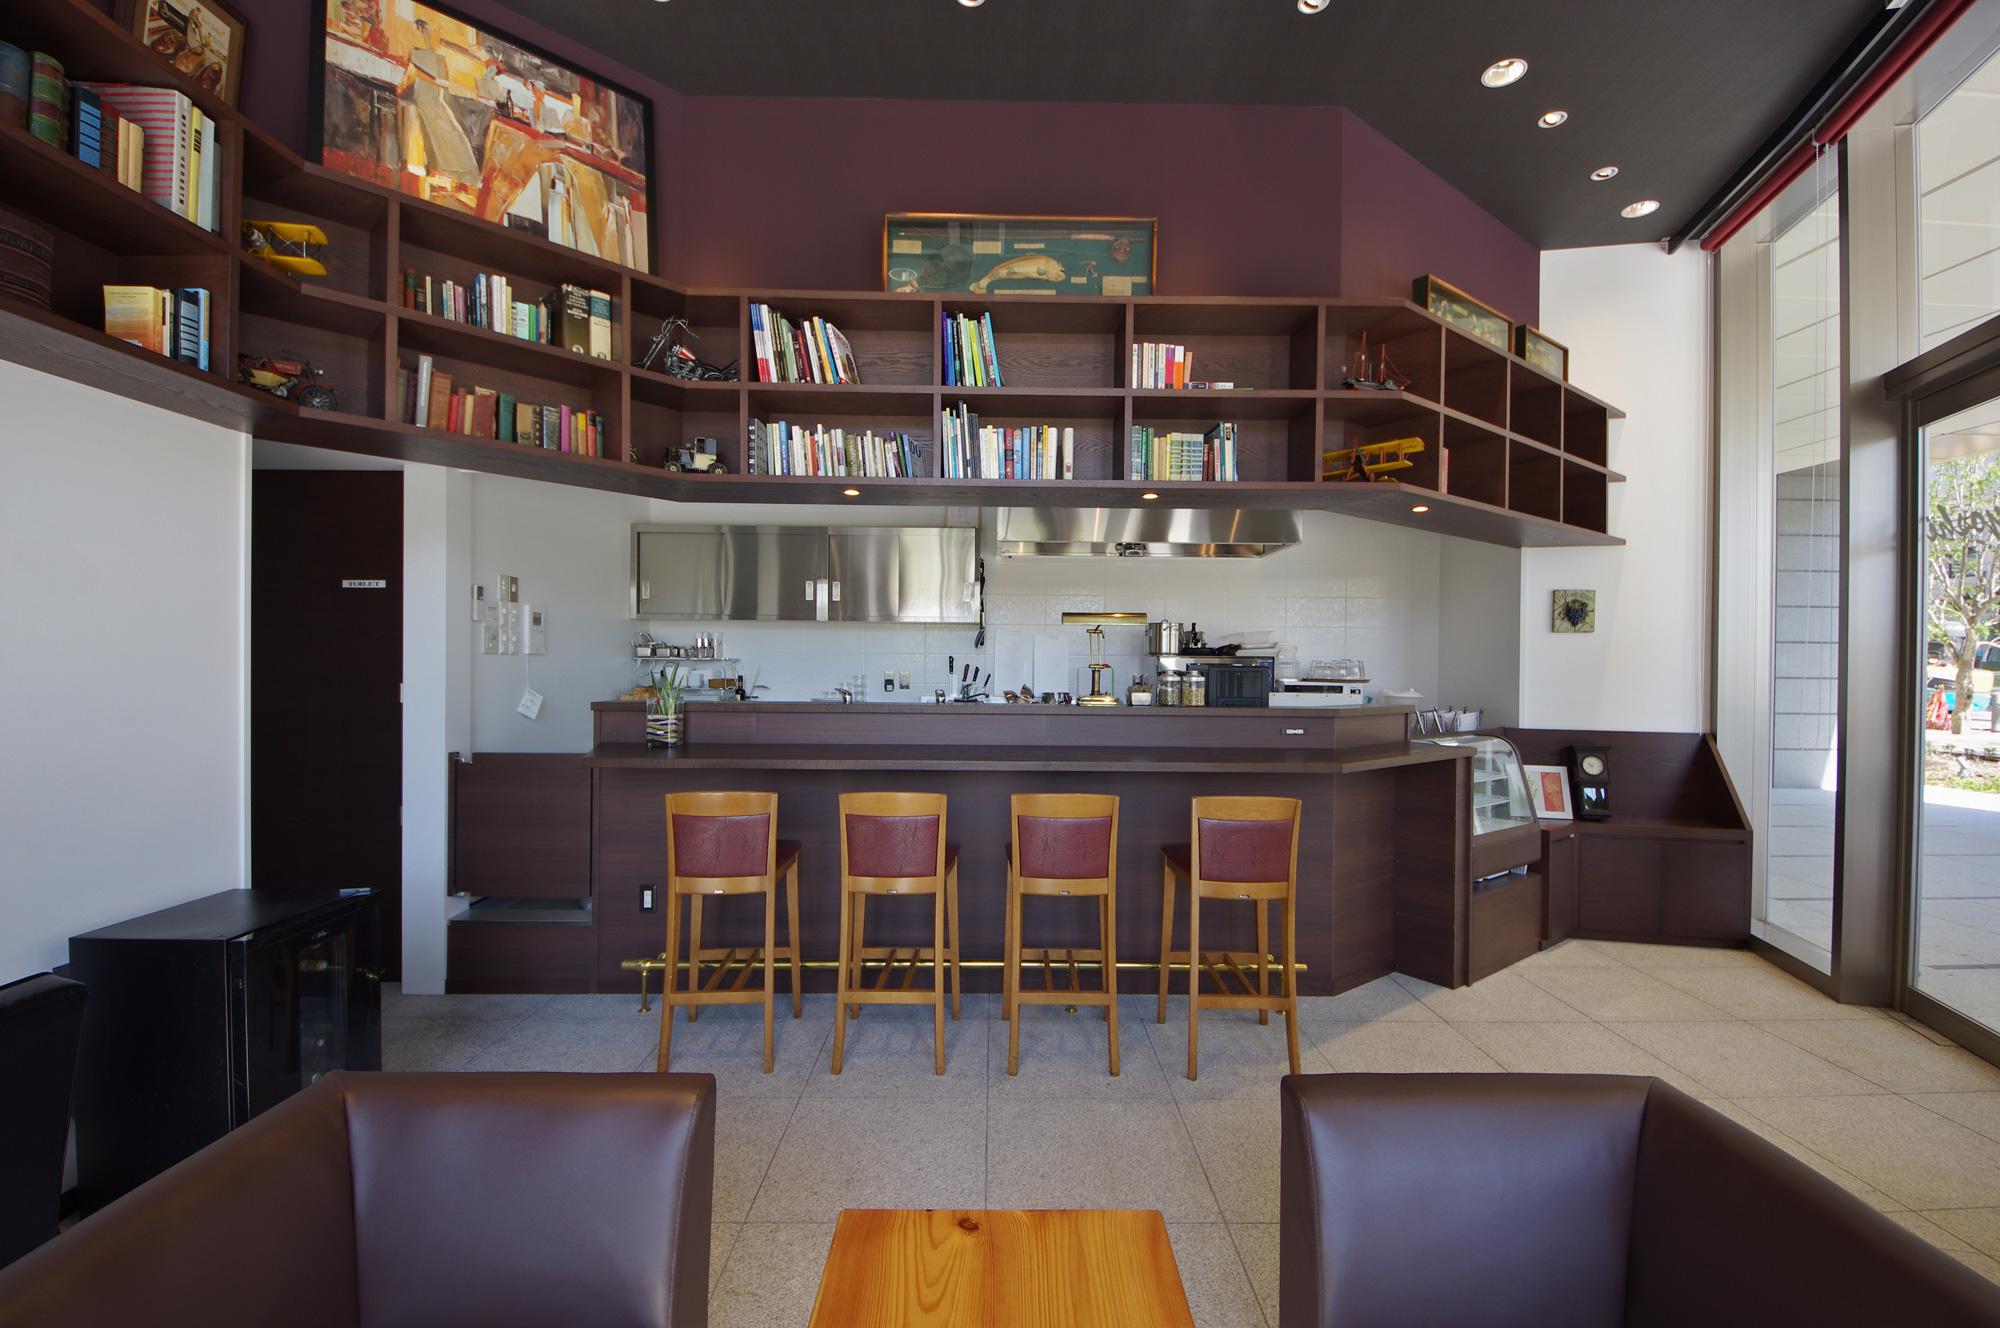 キッチンをのぞむ: オープンカウンターのキッチン上部にも本棚が